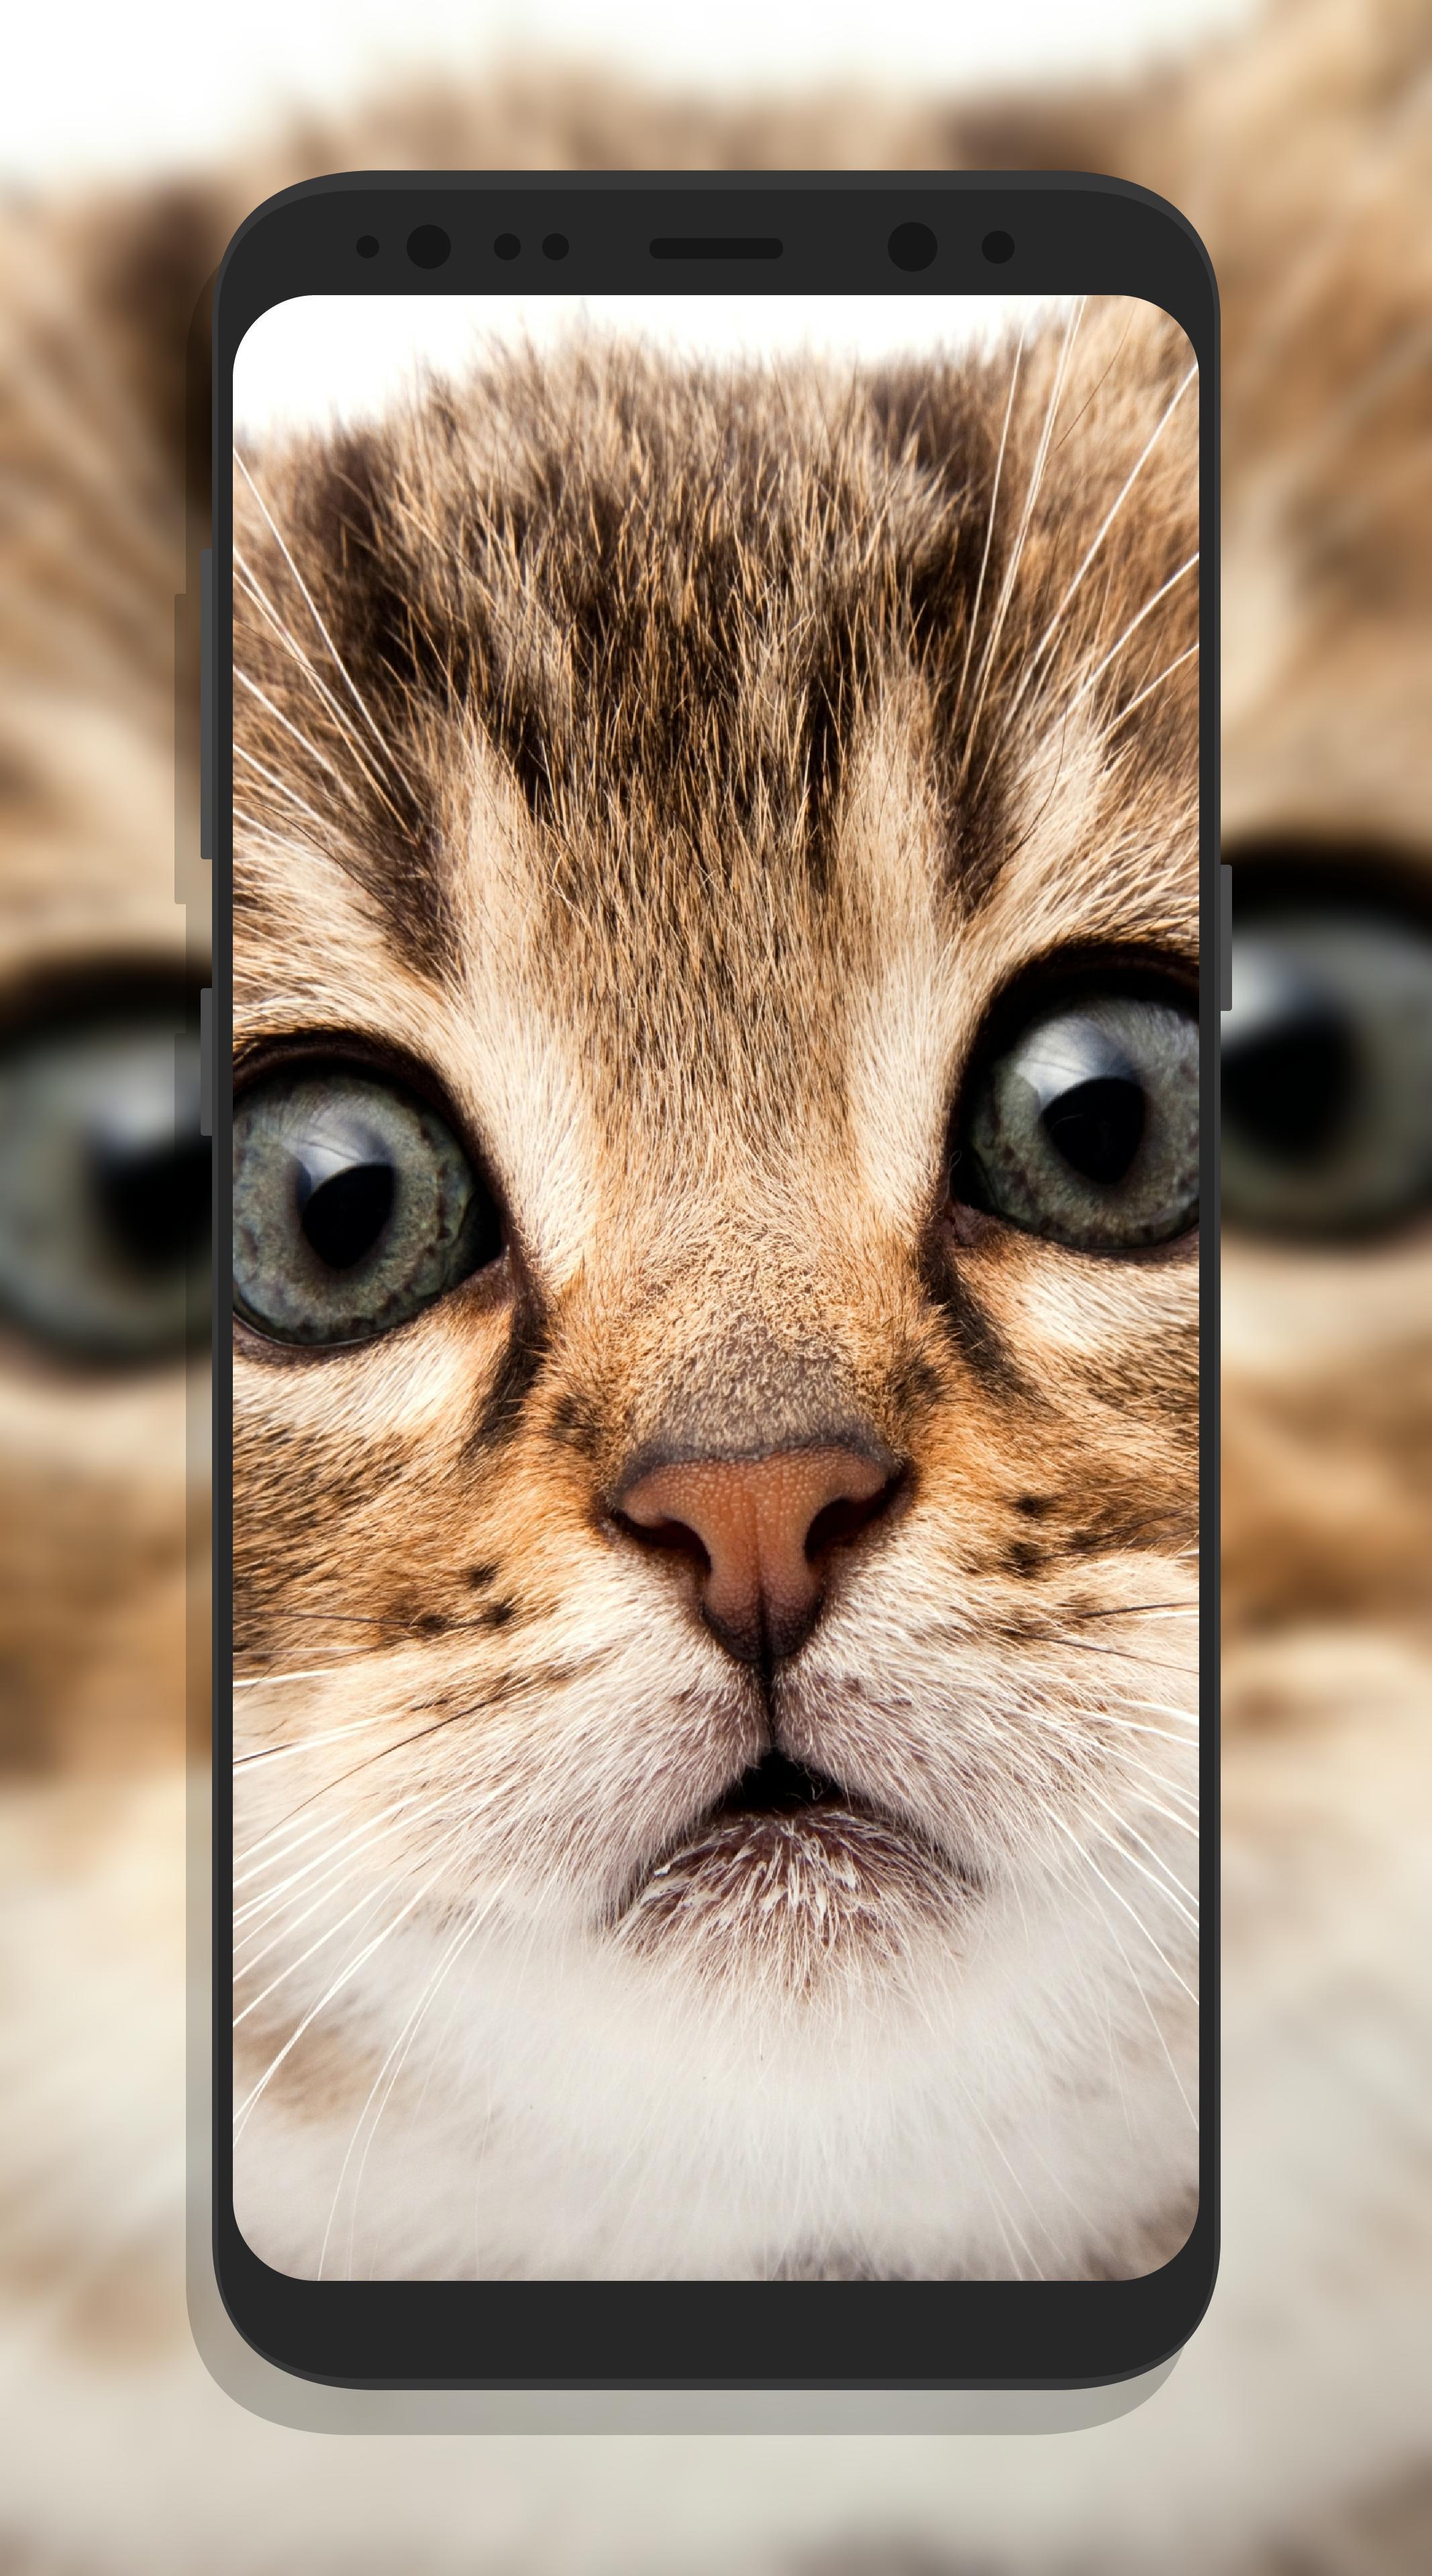 Android 用の かわいい猫壁紙 Apk をダウンロード